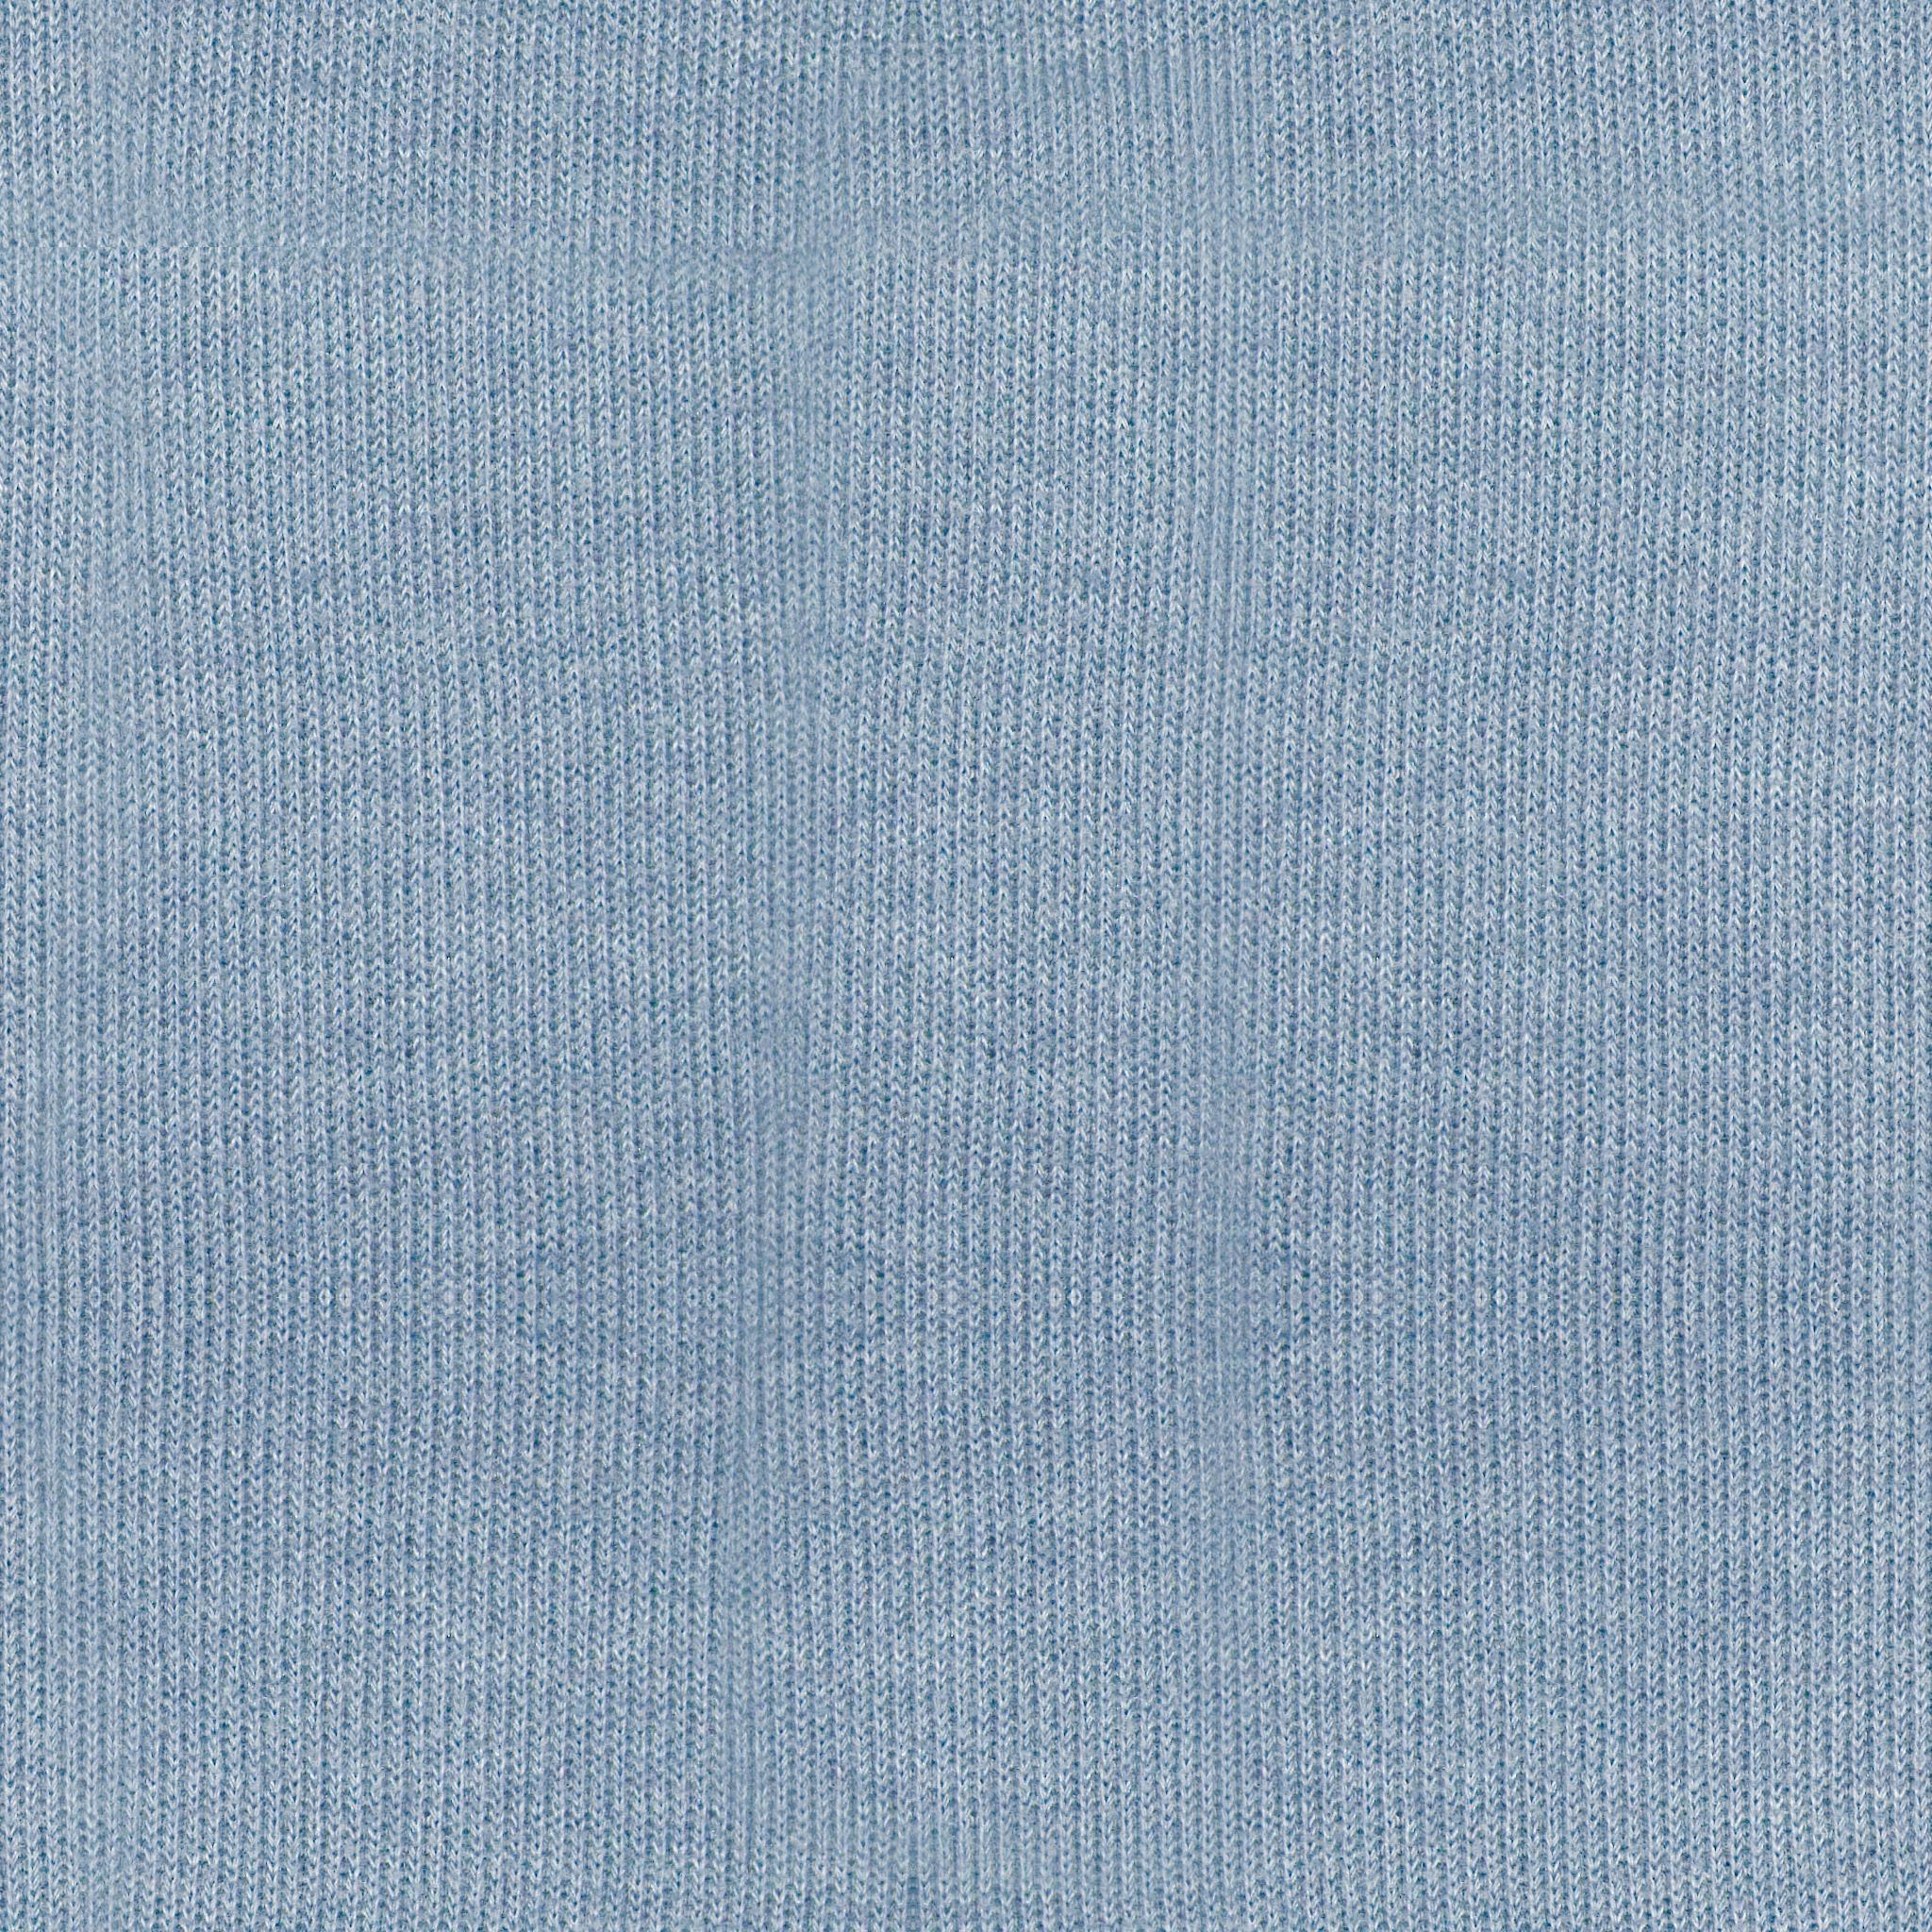 Grey Tight Knit.jpg